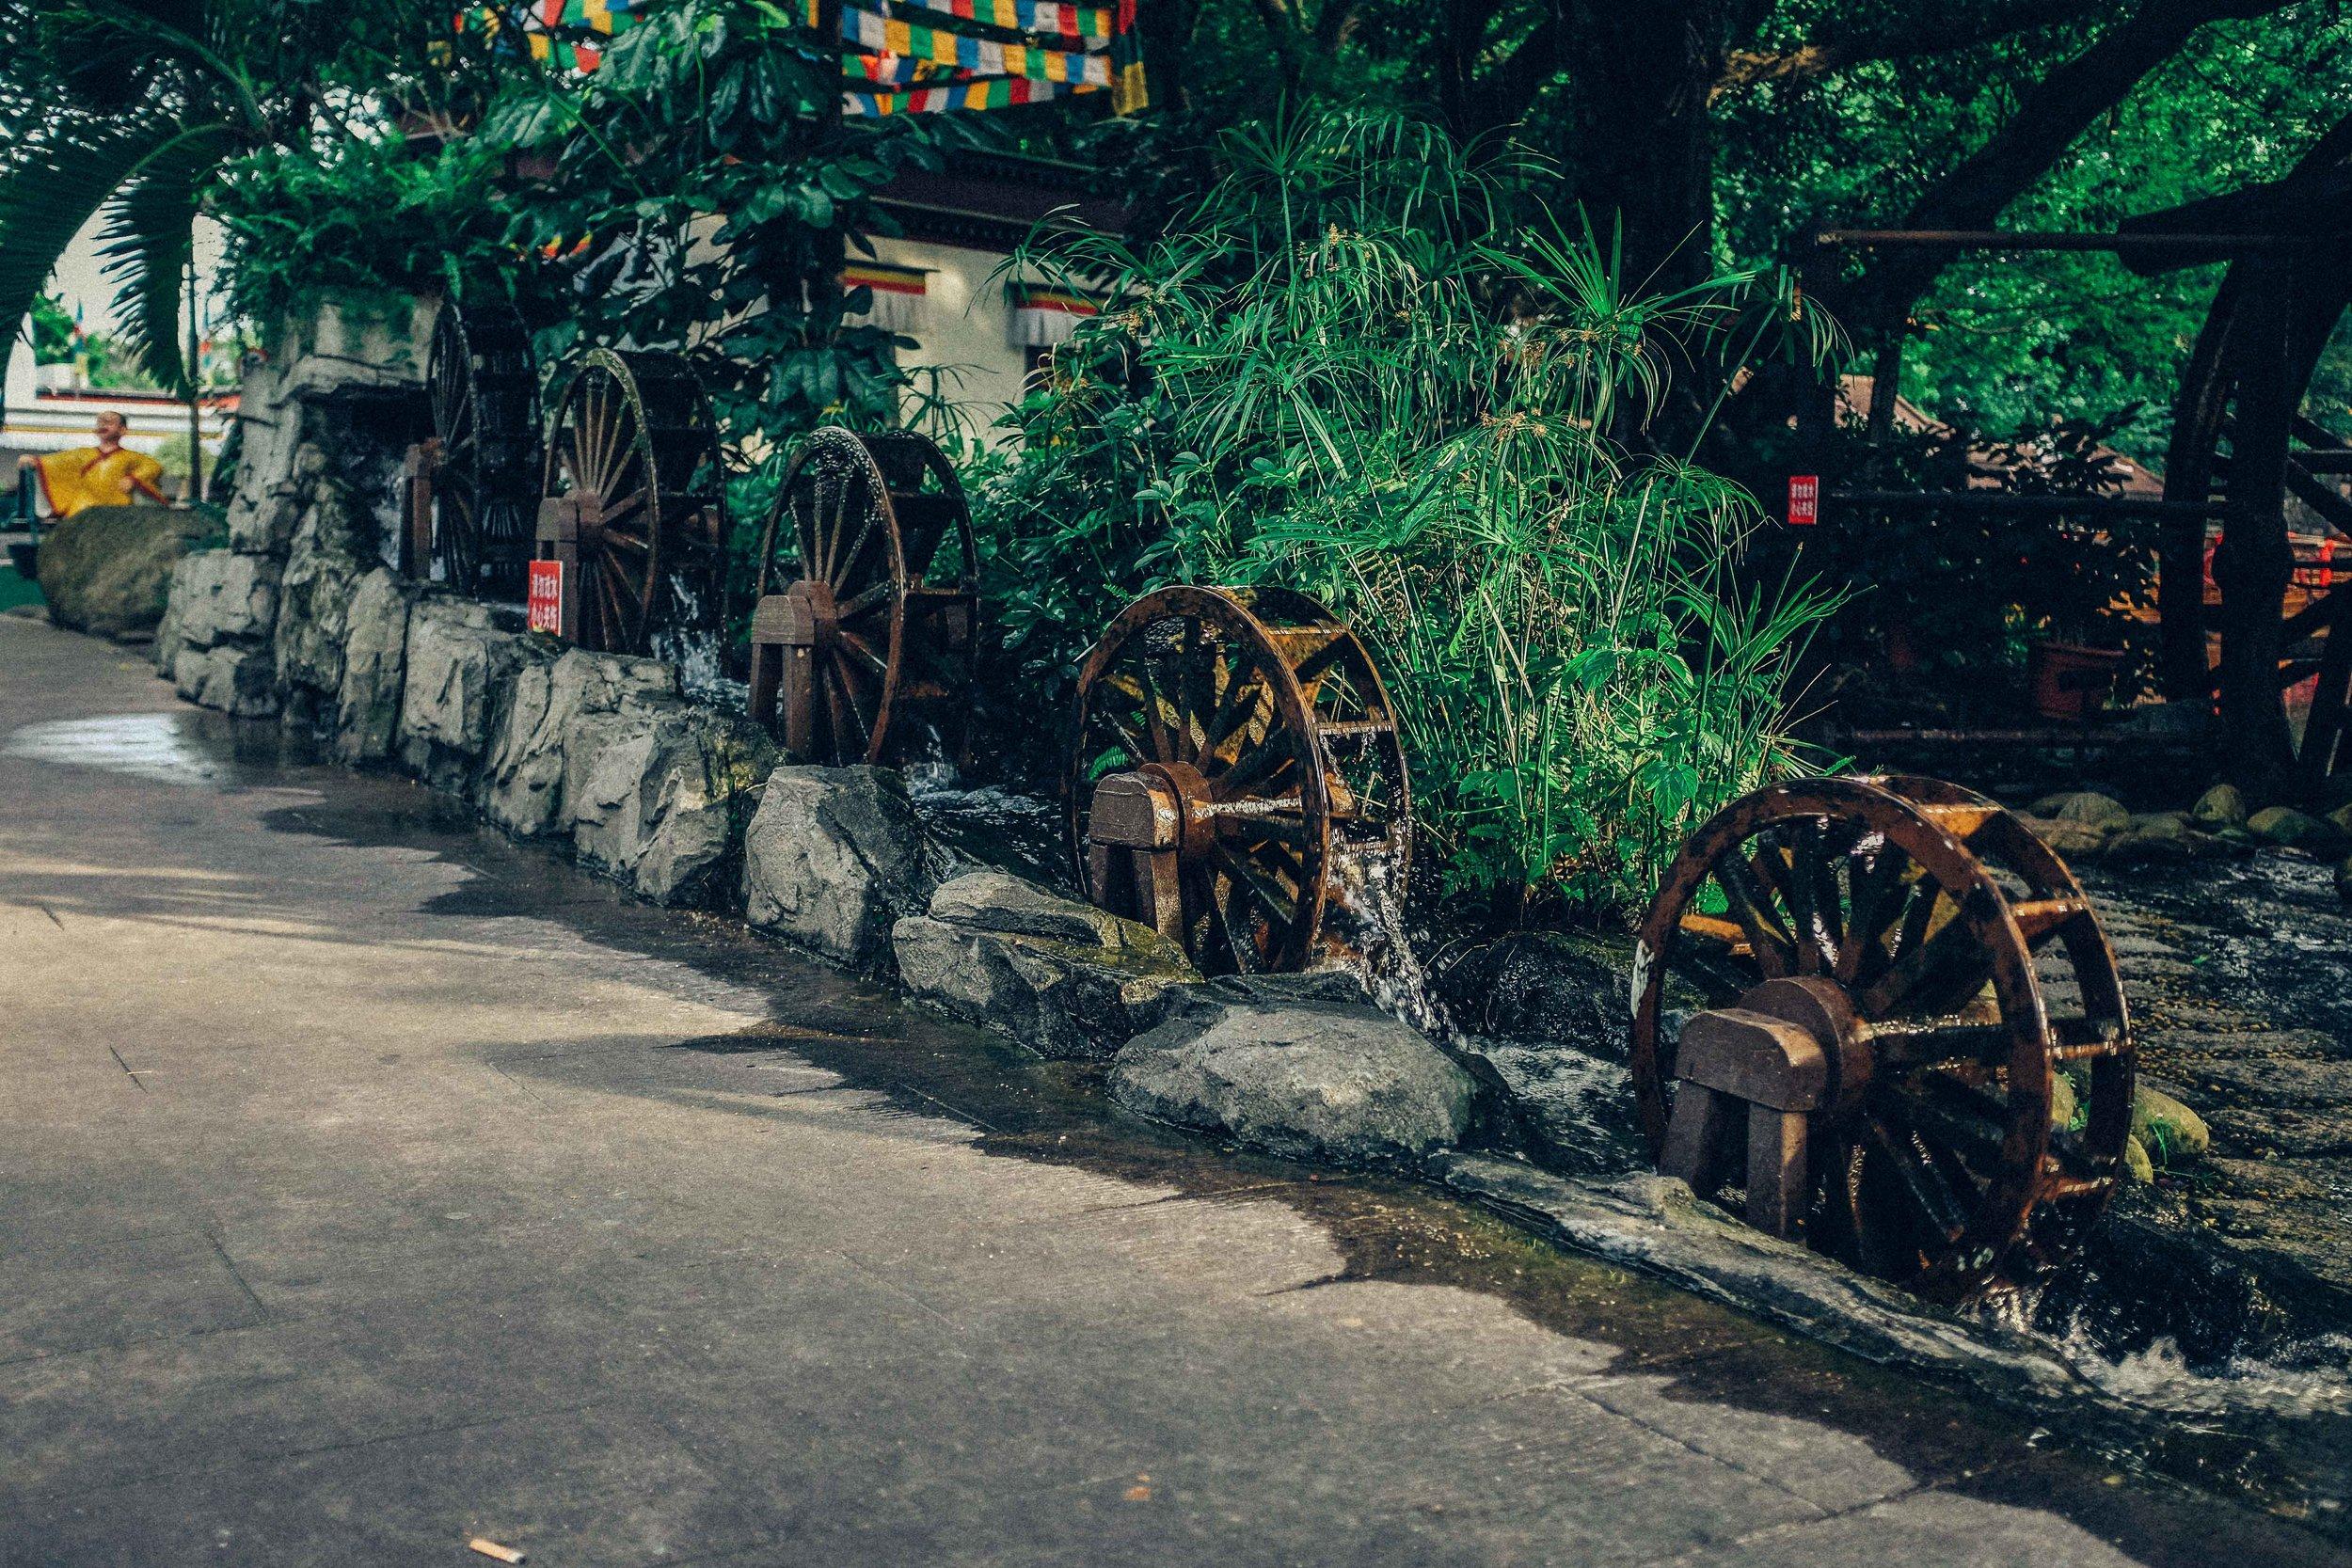 China_x100t_fujifilm_73.jpg